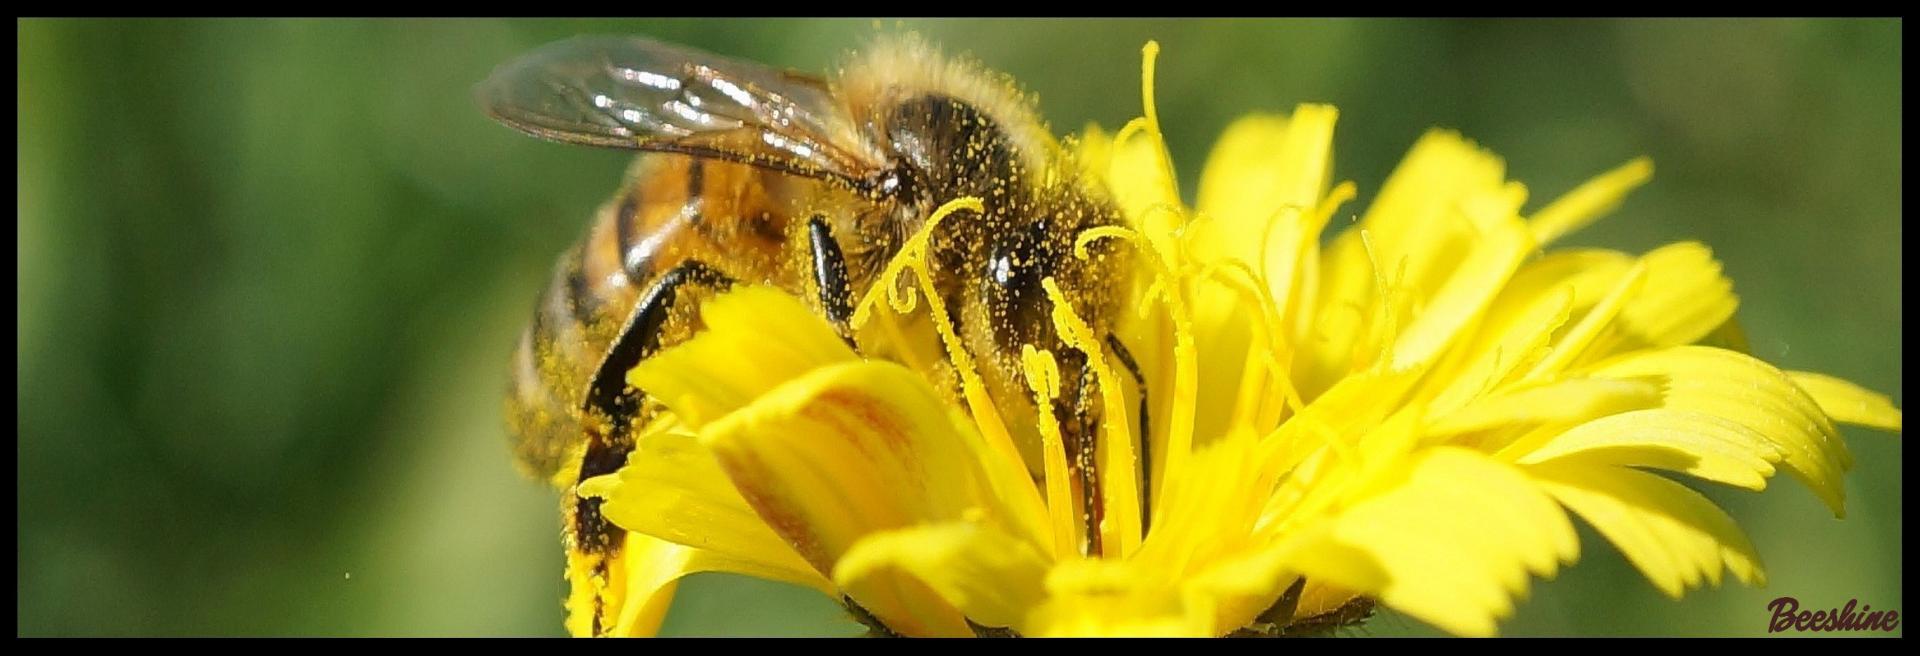 Beeshine-Aliment complémentaire pour abeilles